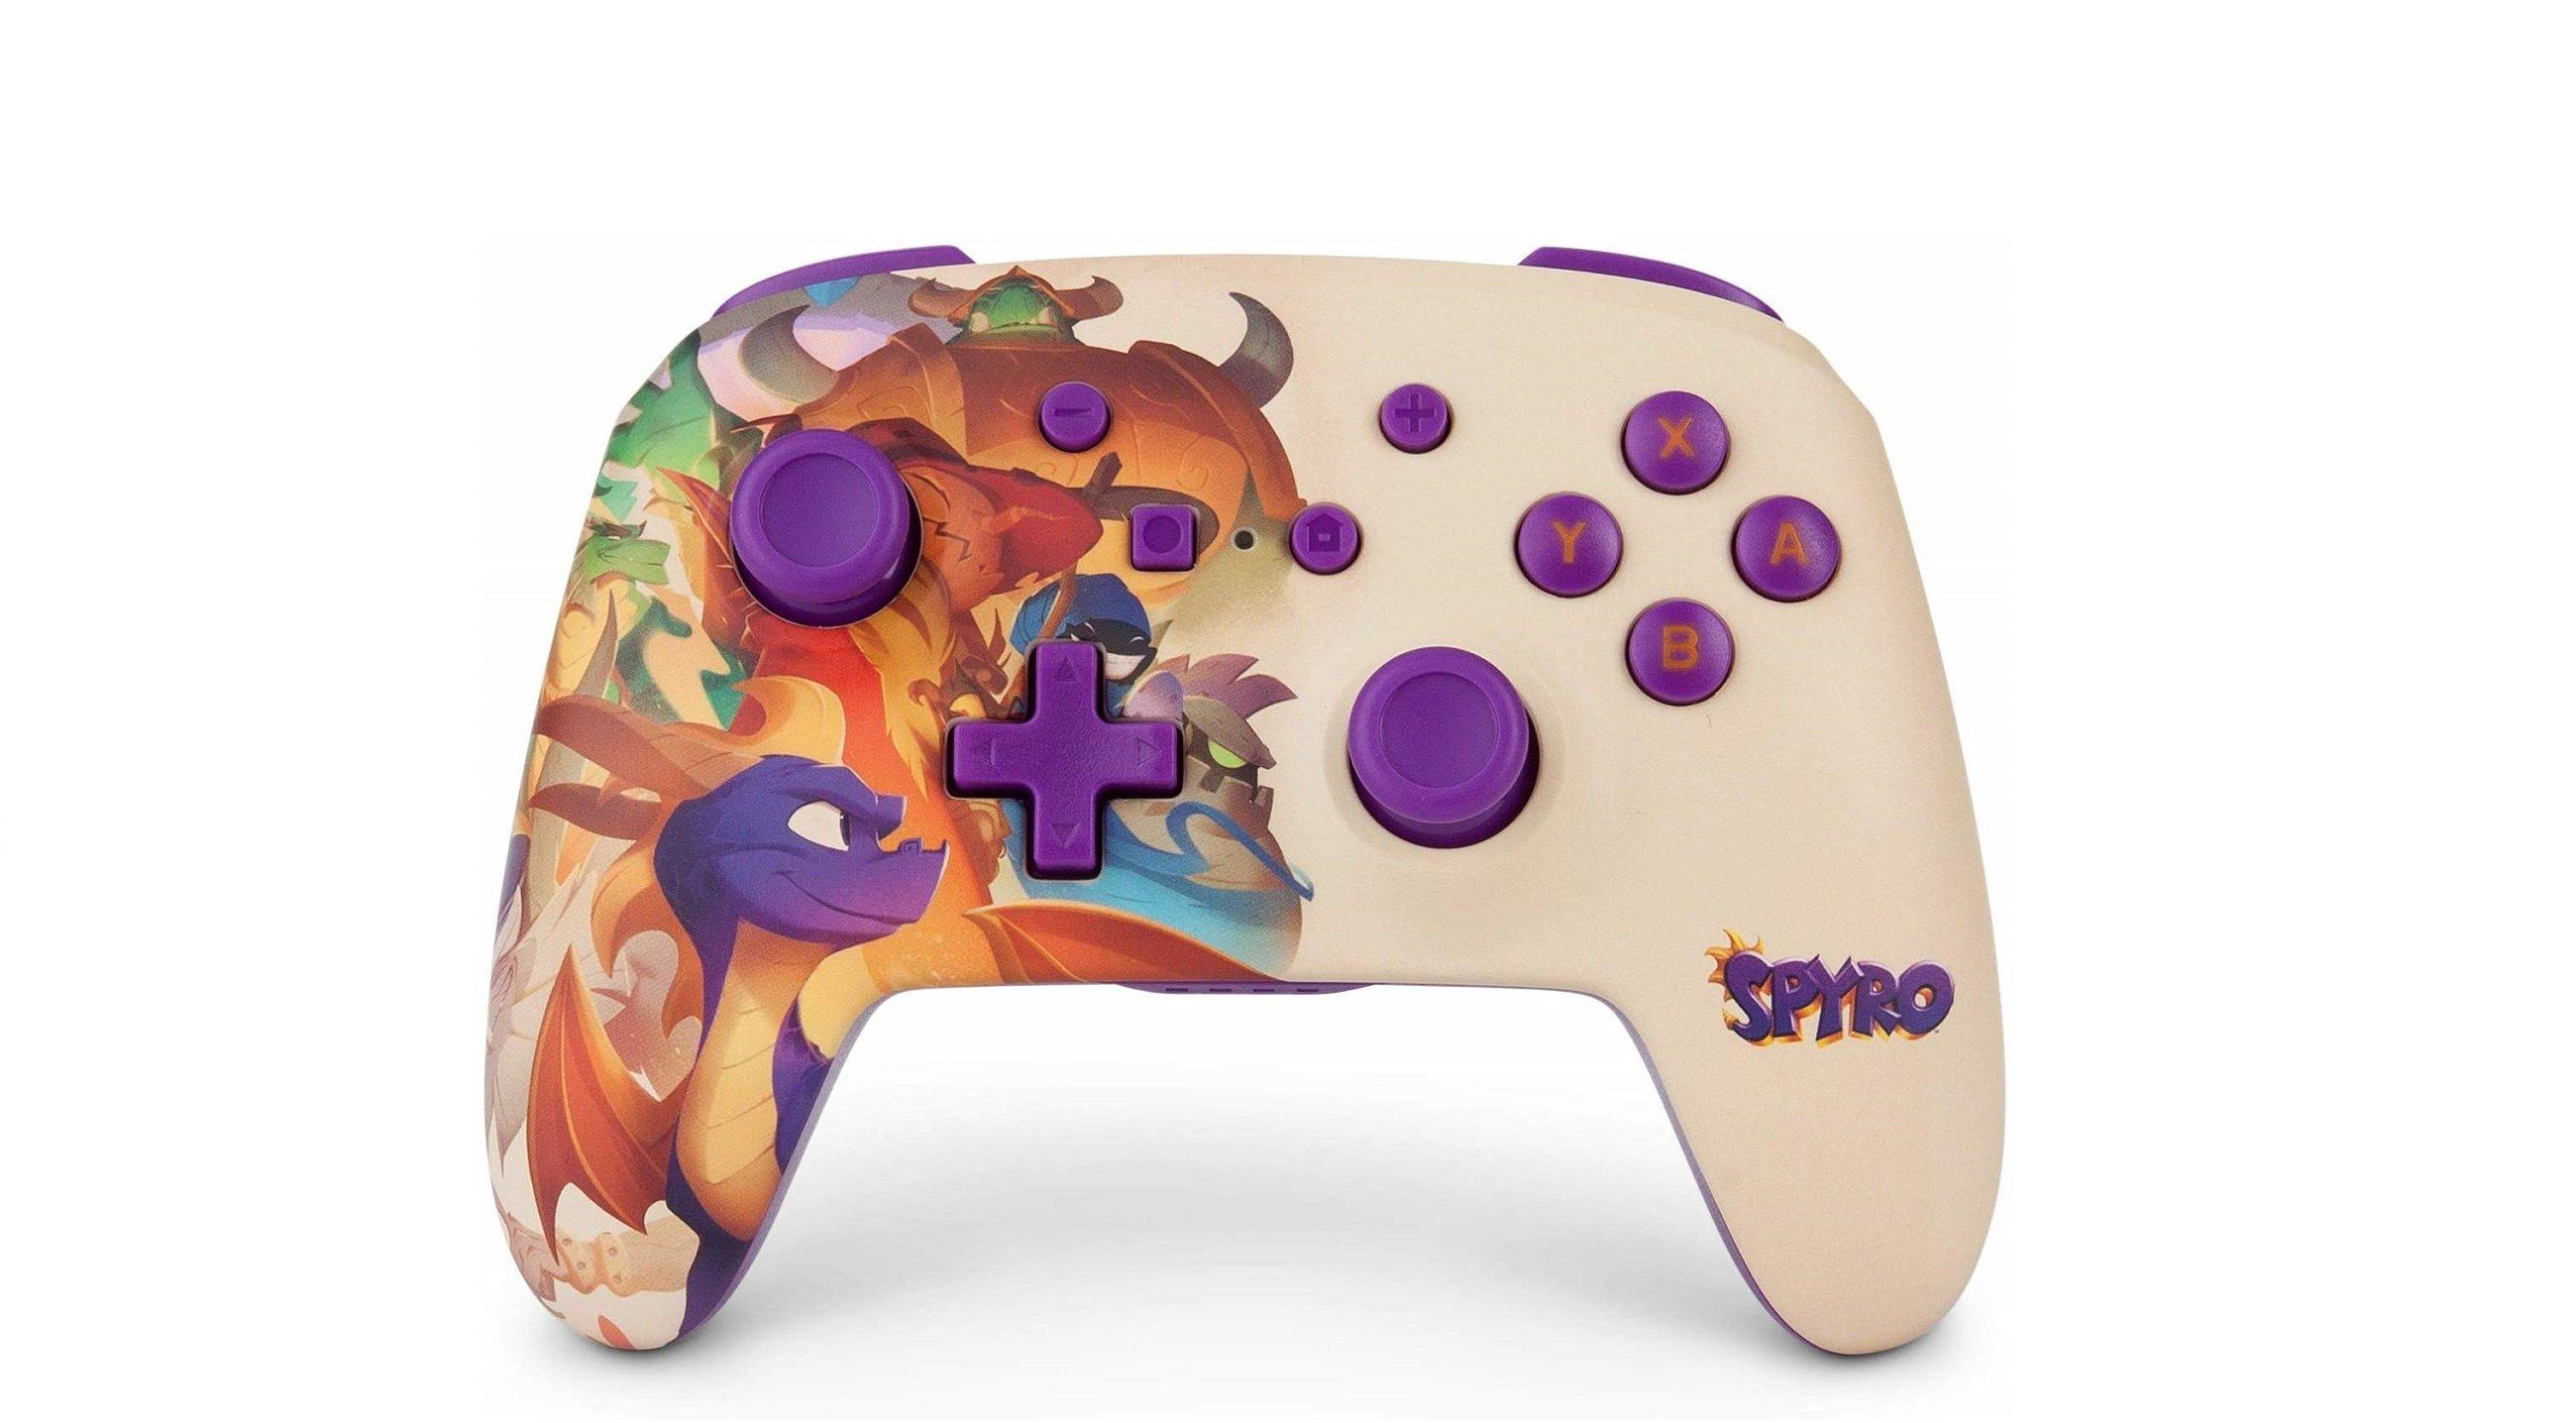 Vous pouvez maintenant acheter une manette Spyro pour Nintendo Switch